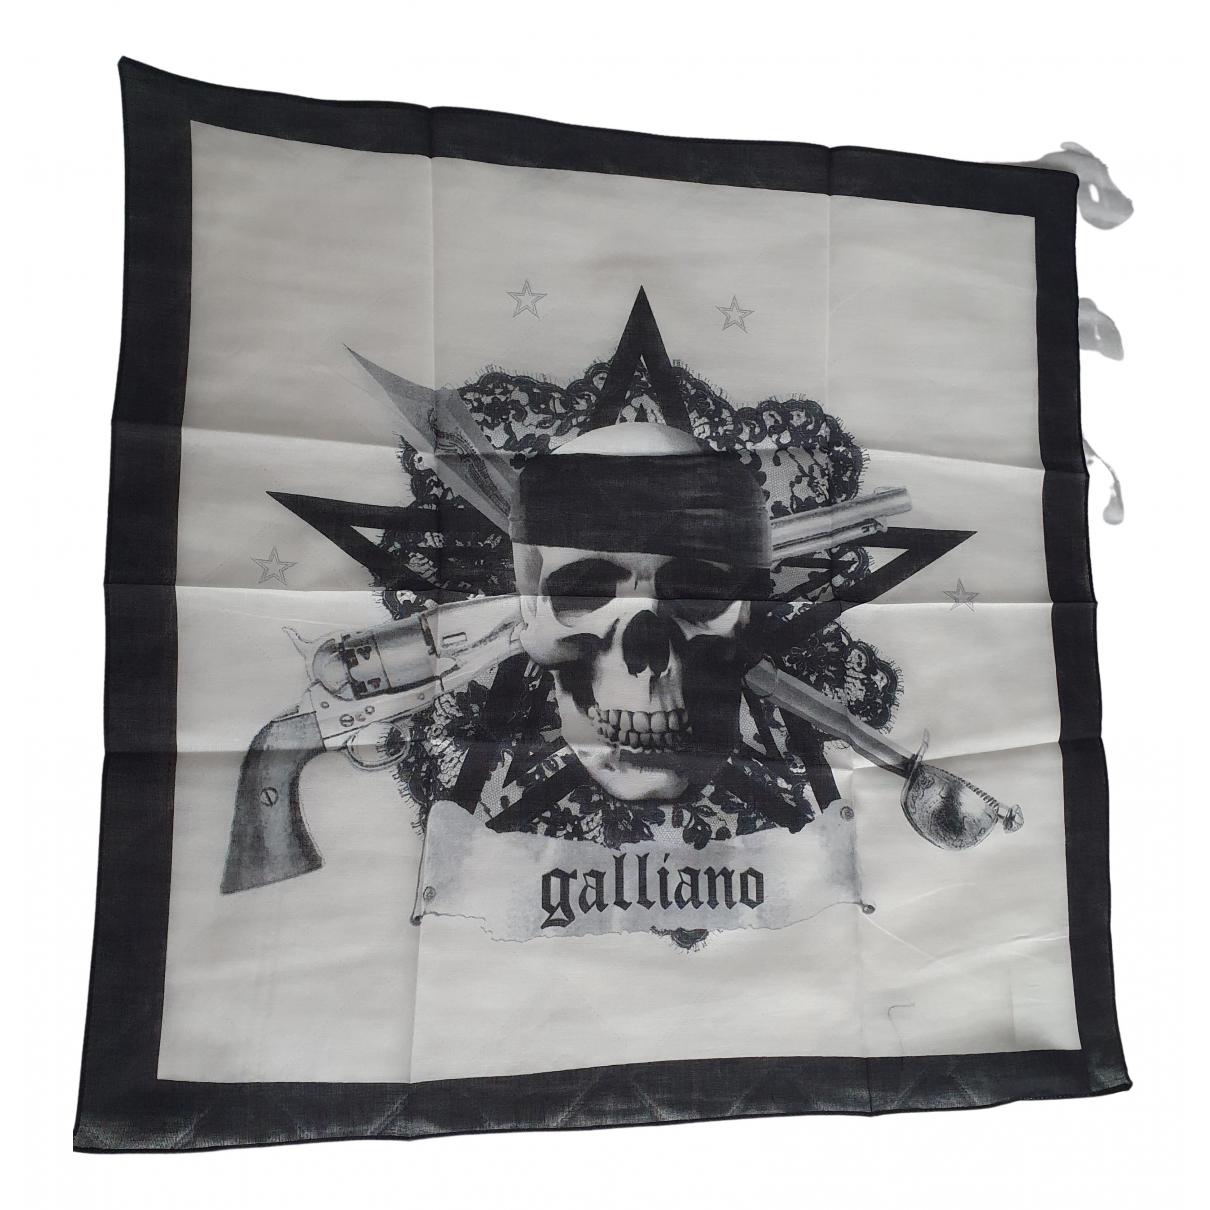 Cuello Galliano